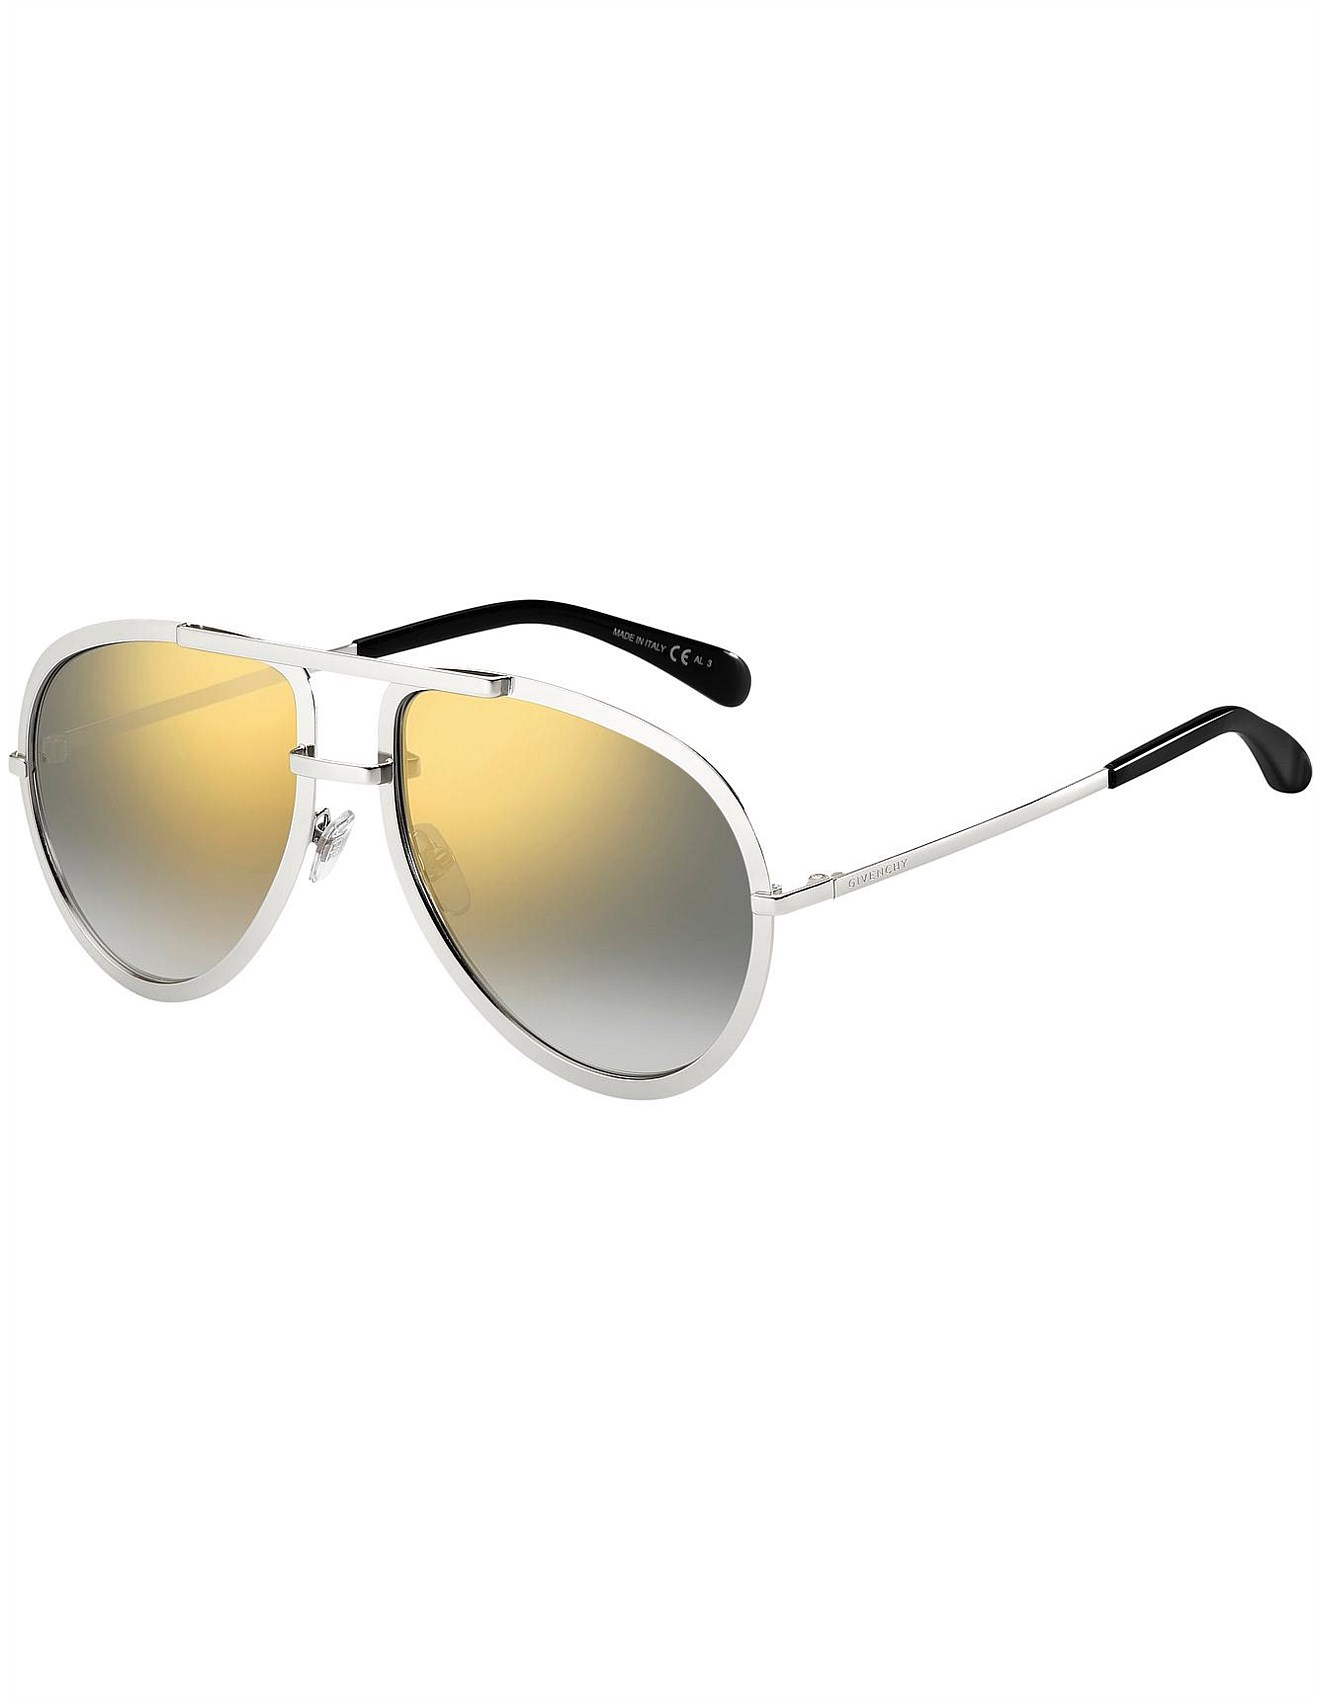 1c0ab2d139 Men s Aviator Sunglasses